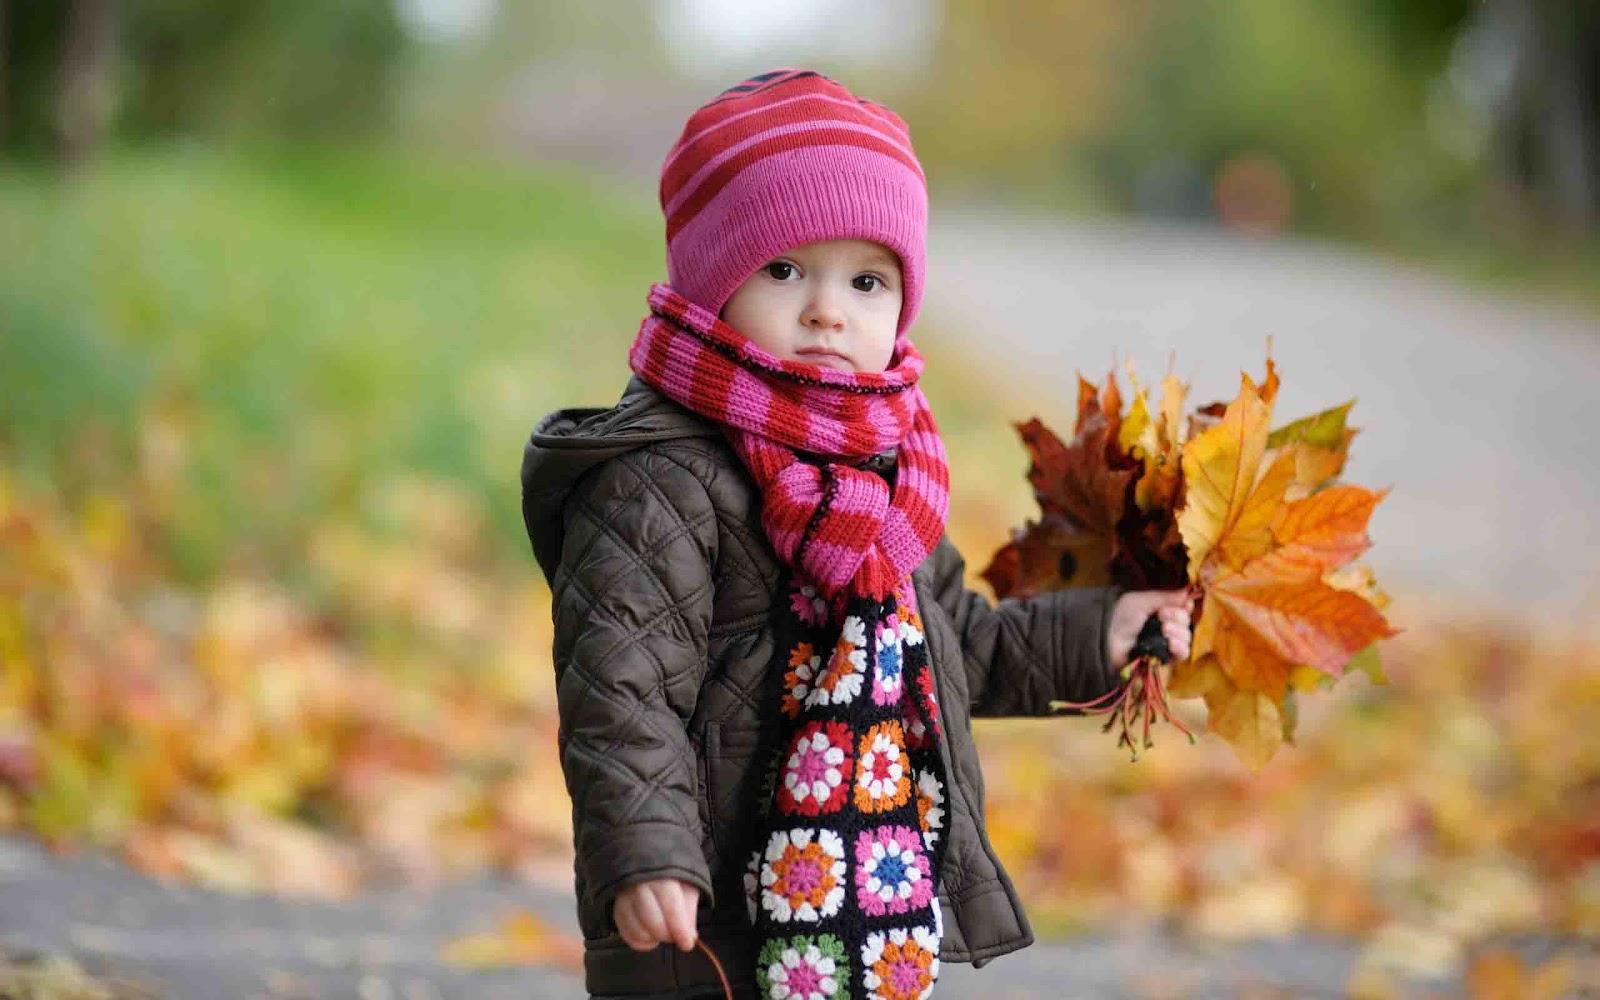 http://1.bp.blogspot.com/-mjNkGGnYrLM/T0hD9joqlEI/AAAAAAAAAdk/JsfFYtCKZxs/s1600/cute_baby_in_autumn-2560x1600.jpg